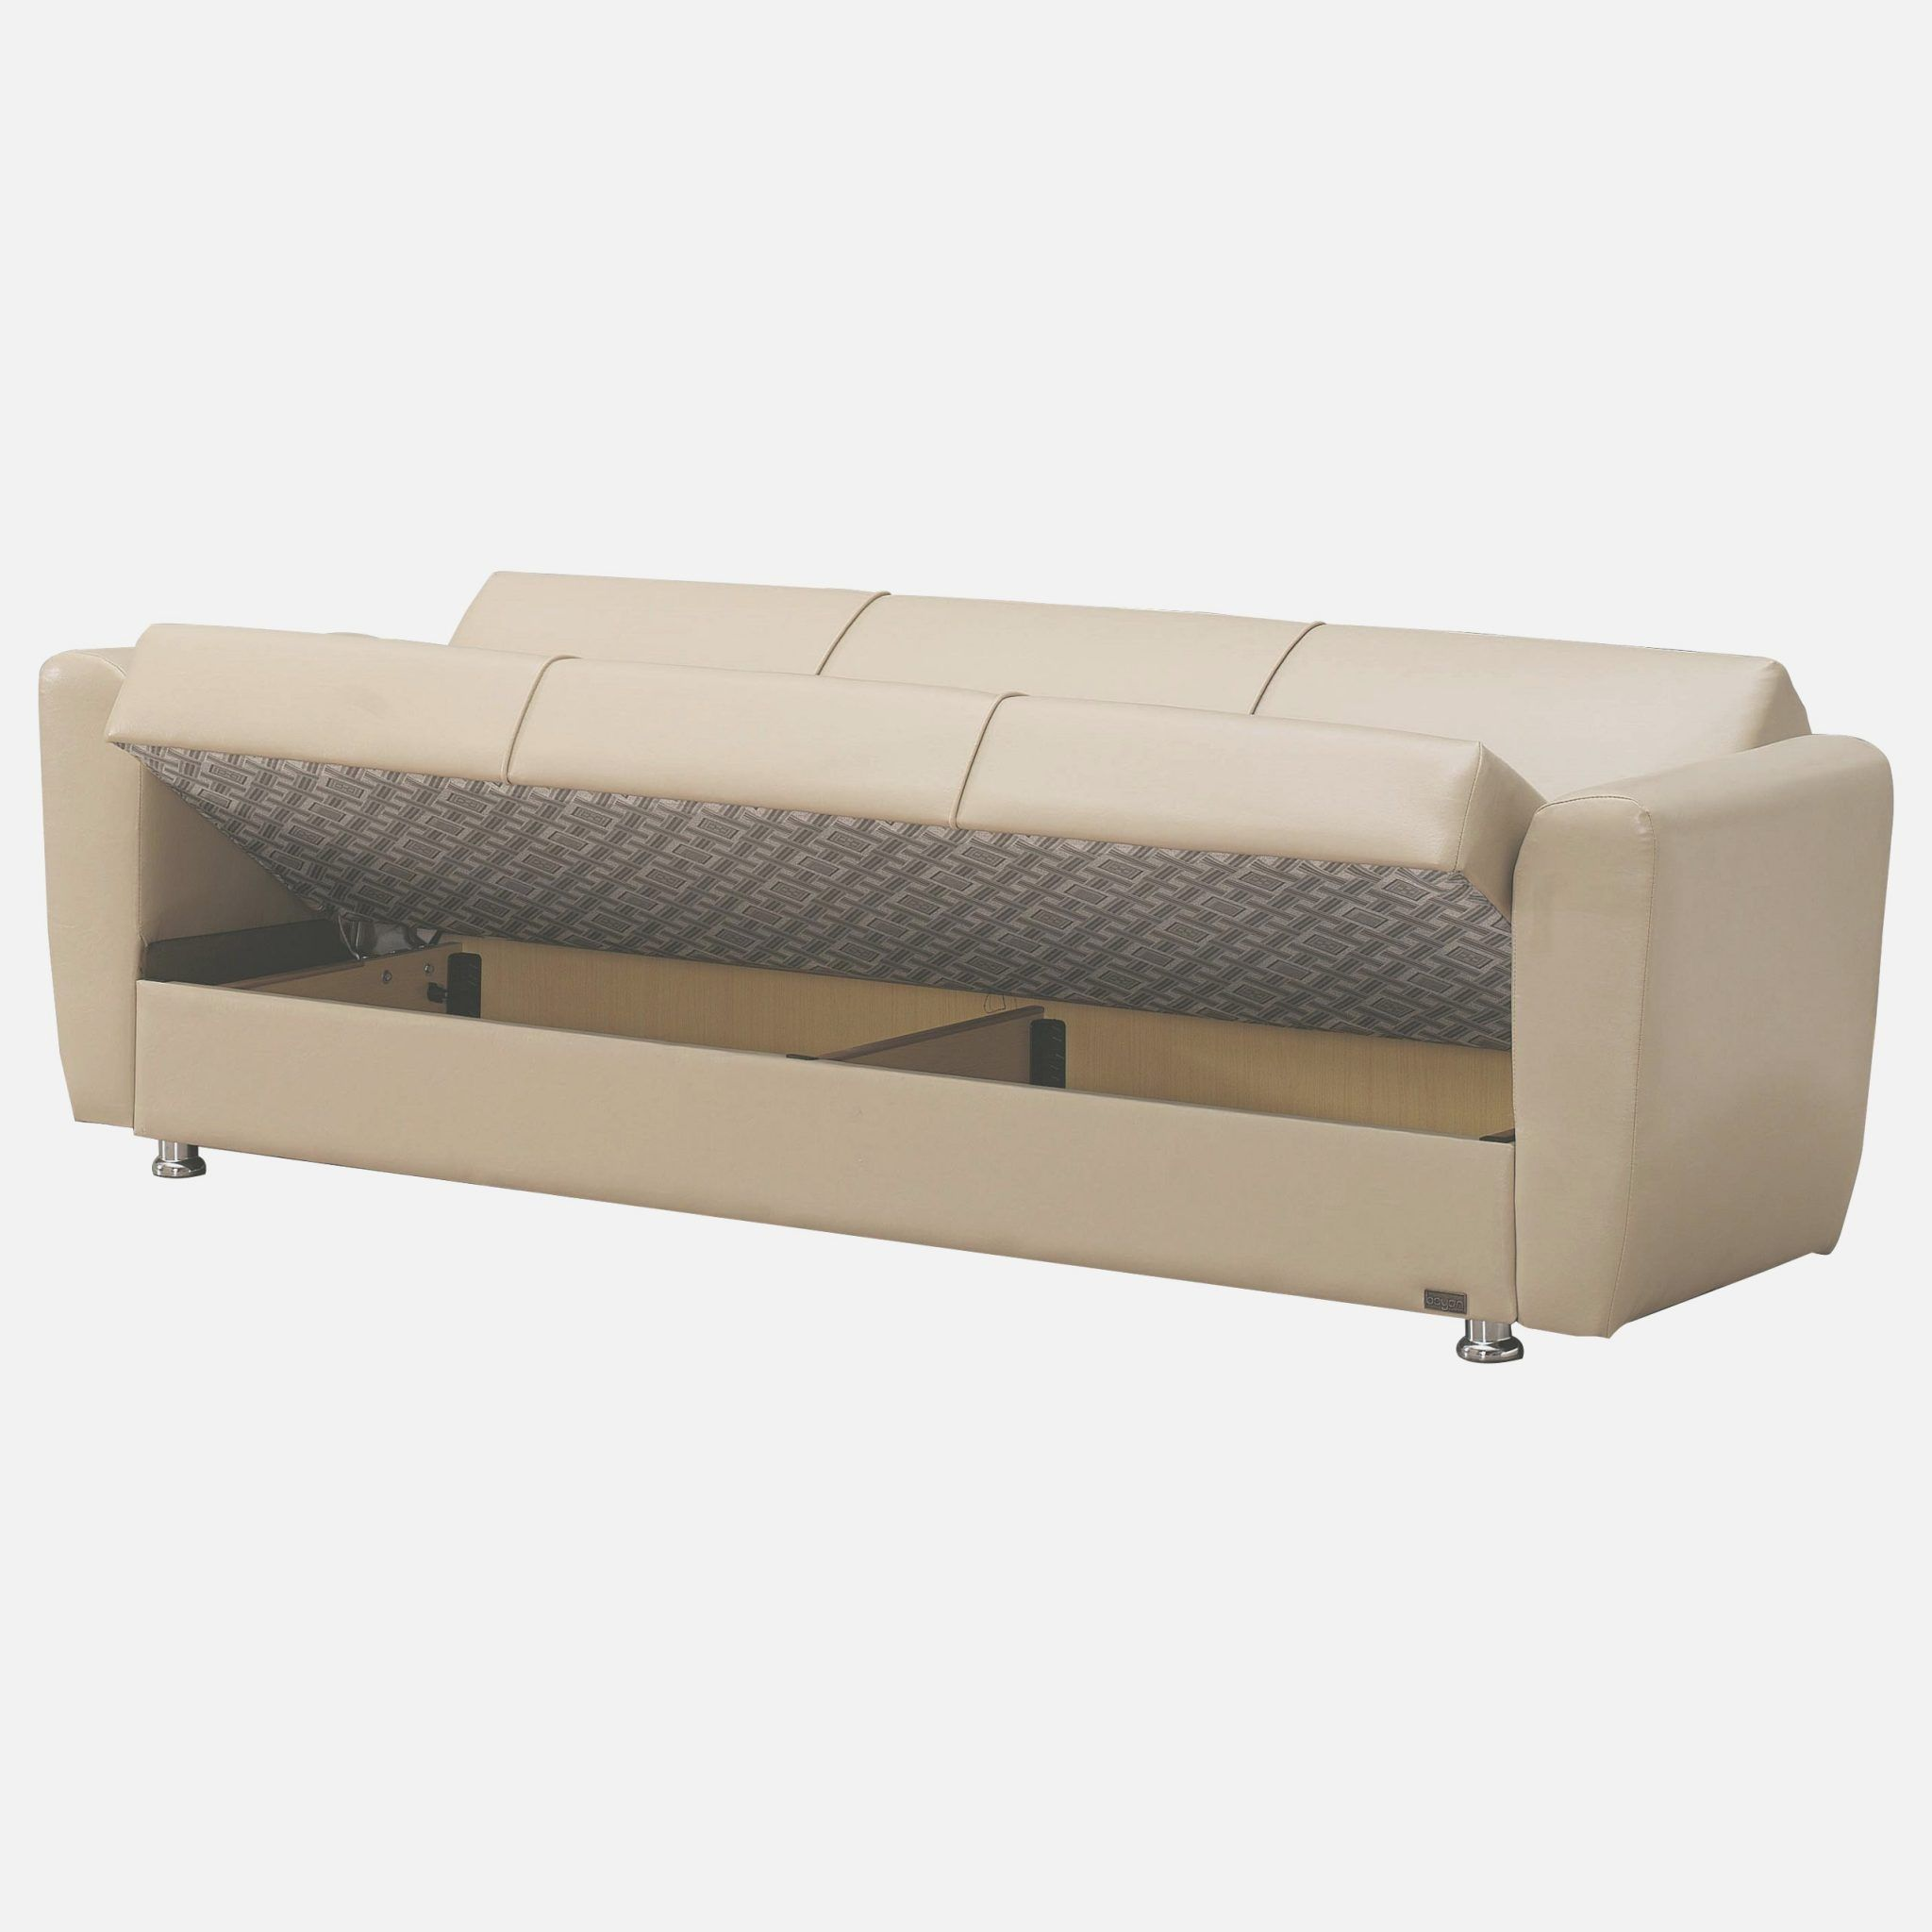 queen sofa bed big lots old school chesterfield sleeper gradschoolfairs